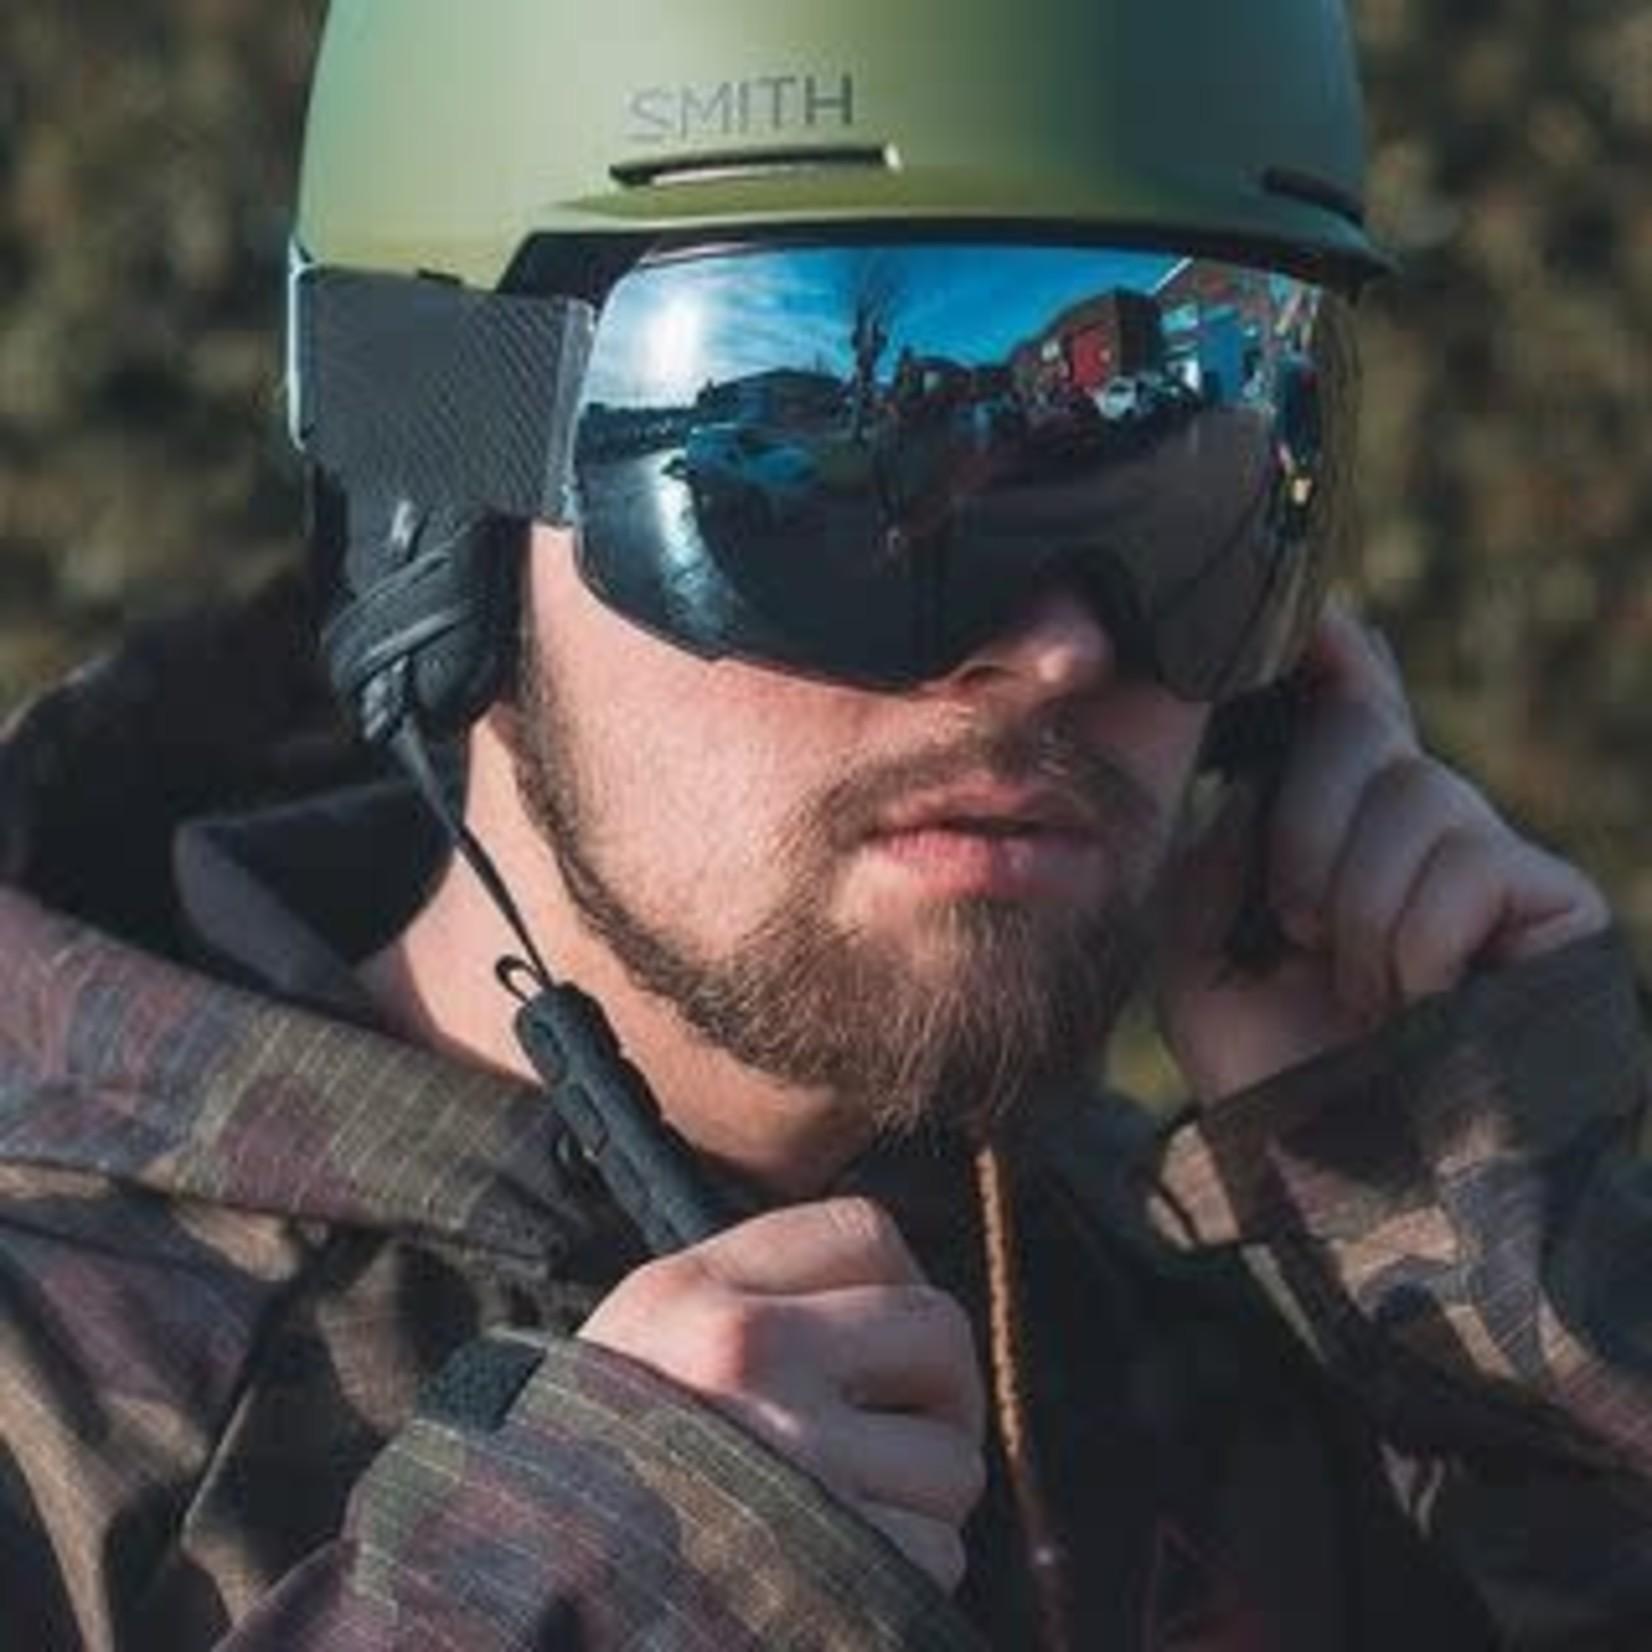 Smith Casque de Ski Smith Scout